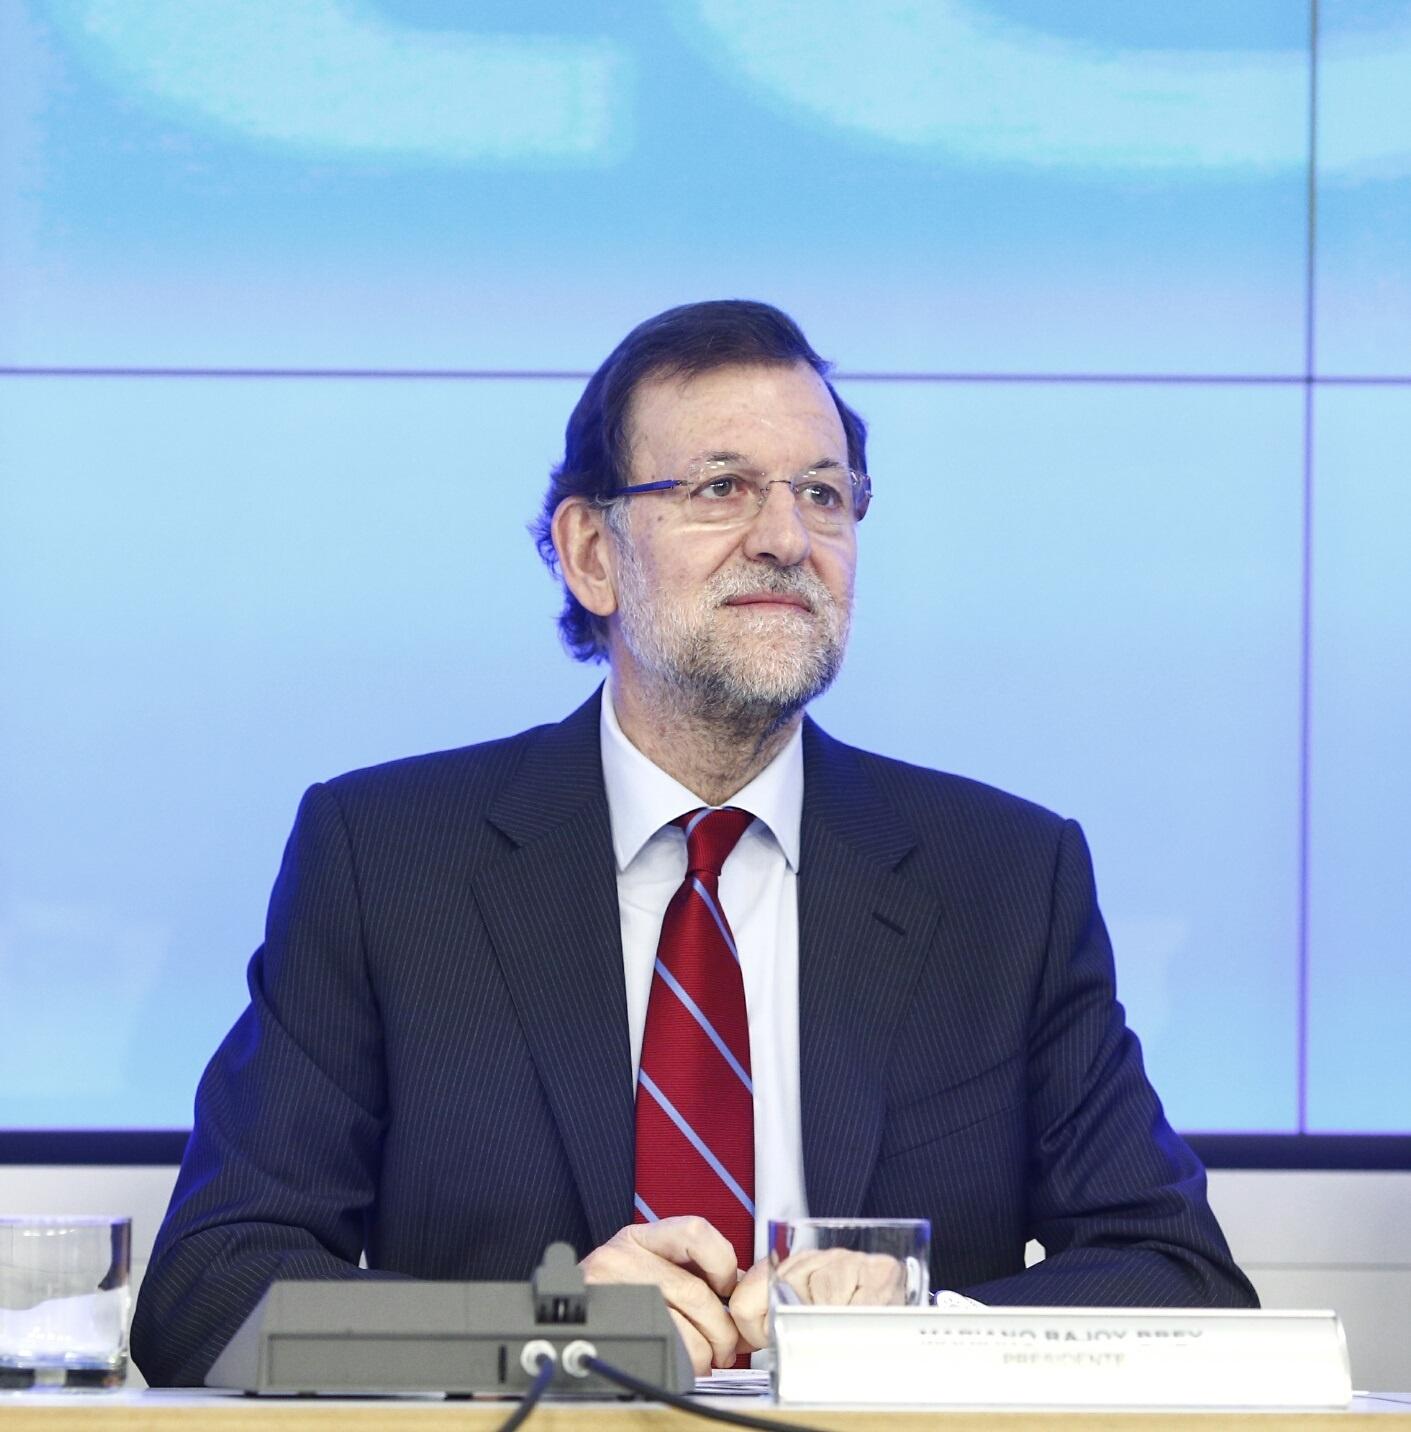 Rajoy participará en un foro empresarial en Barcelona el miércoles 23 de octubre